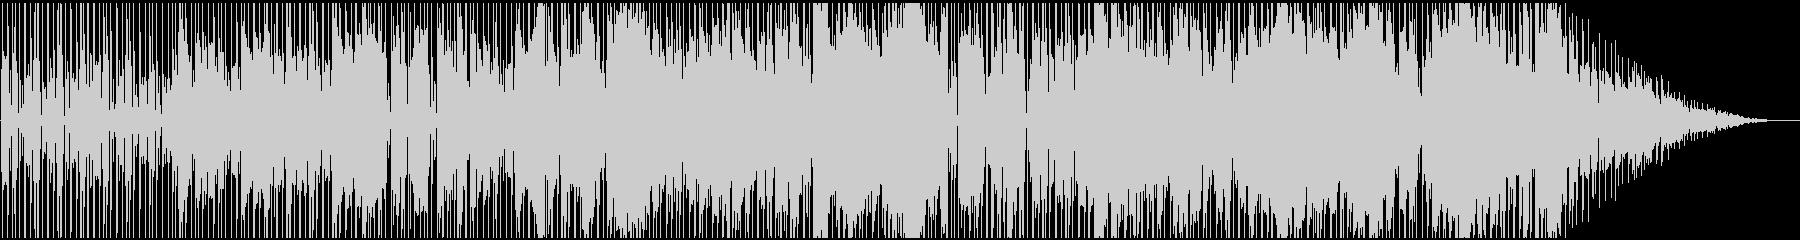 サックスとギターによるダークなファンクの未再生の波形